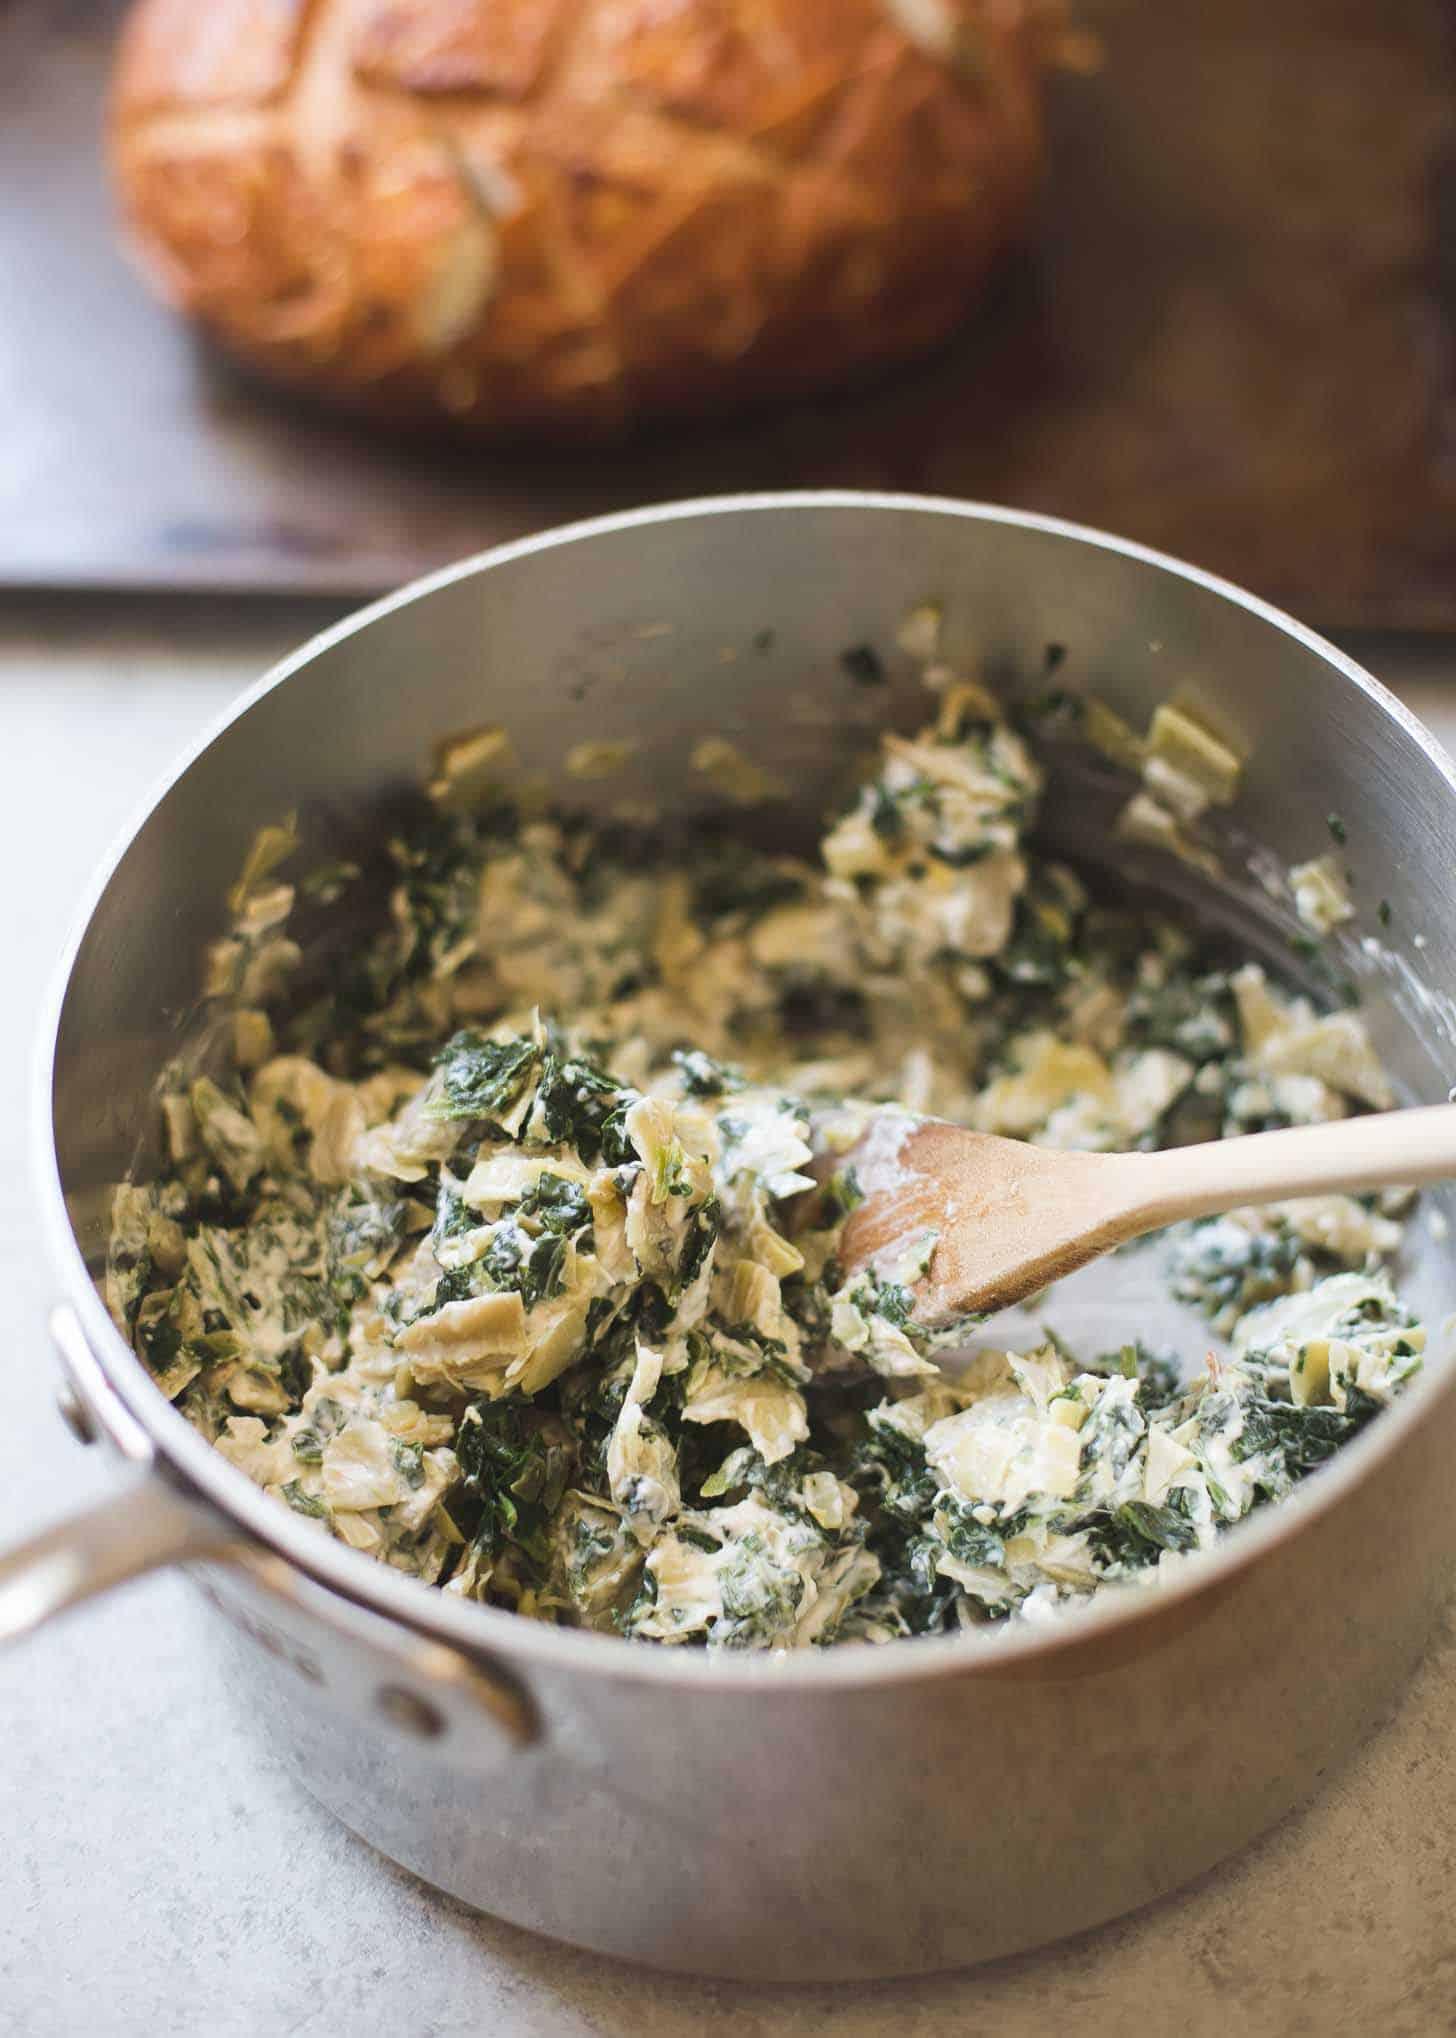 Spinach Artichoke mix in a saucepan